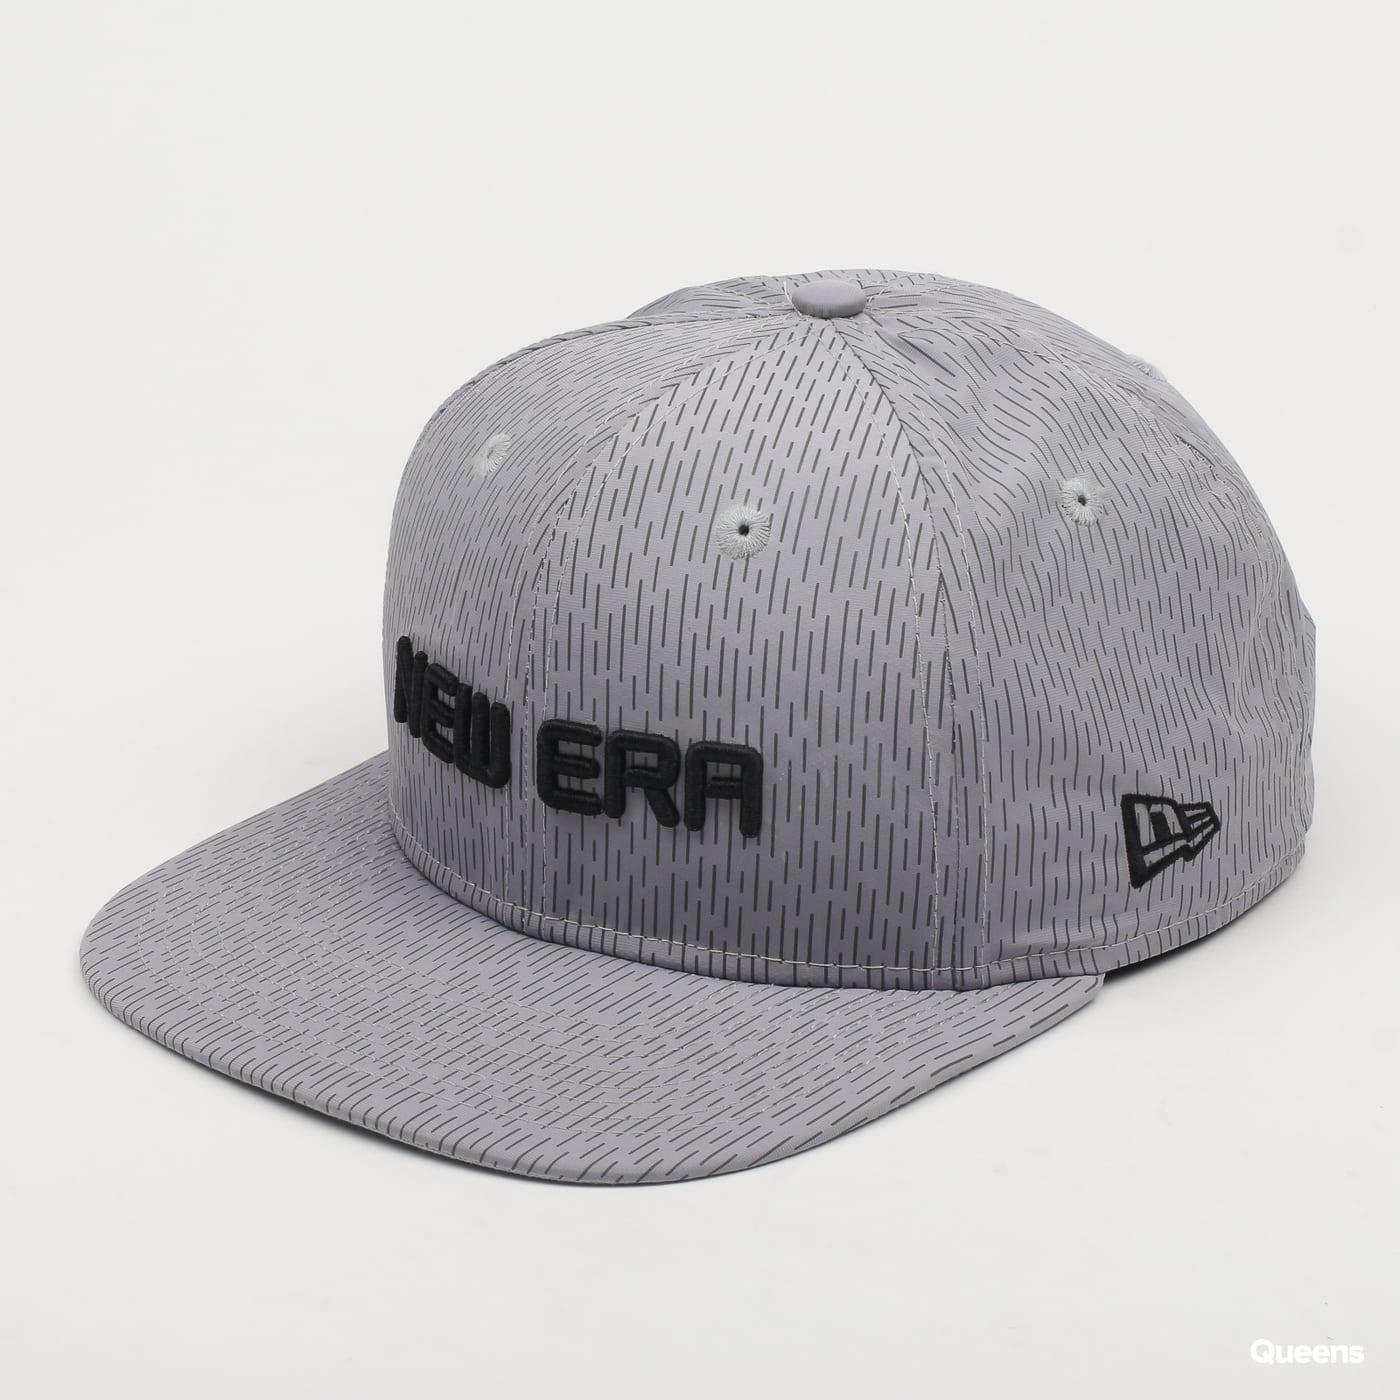 Snapback New Era 950 Original Fit Rain Camo (11871381) – Queens 💚 4c10dd029d8